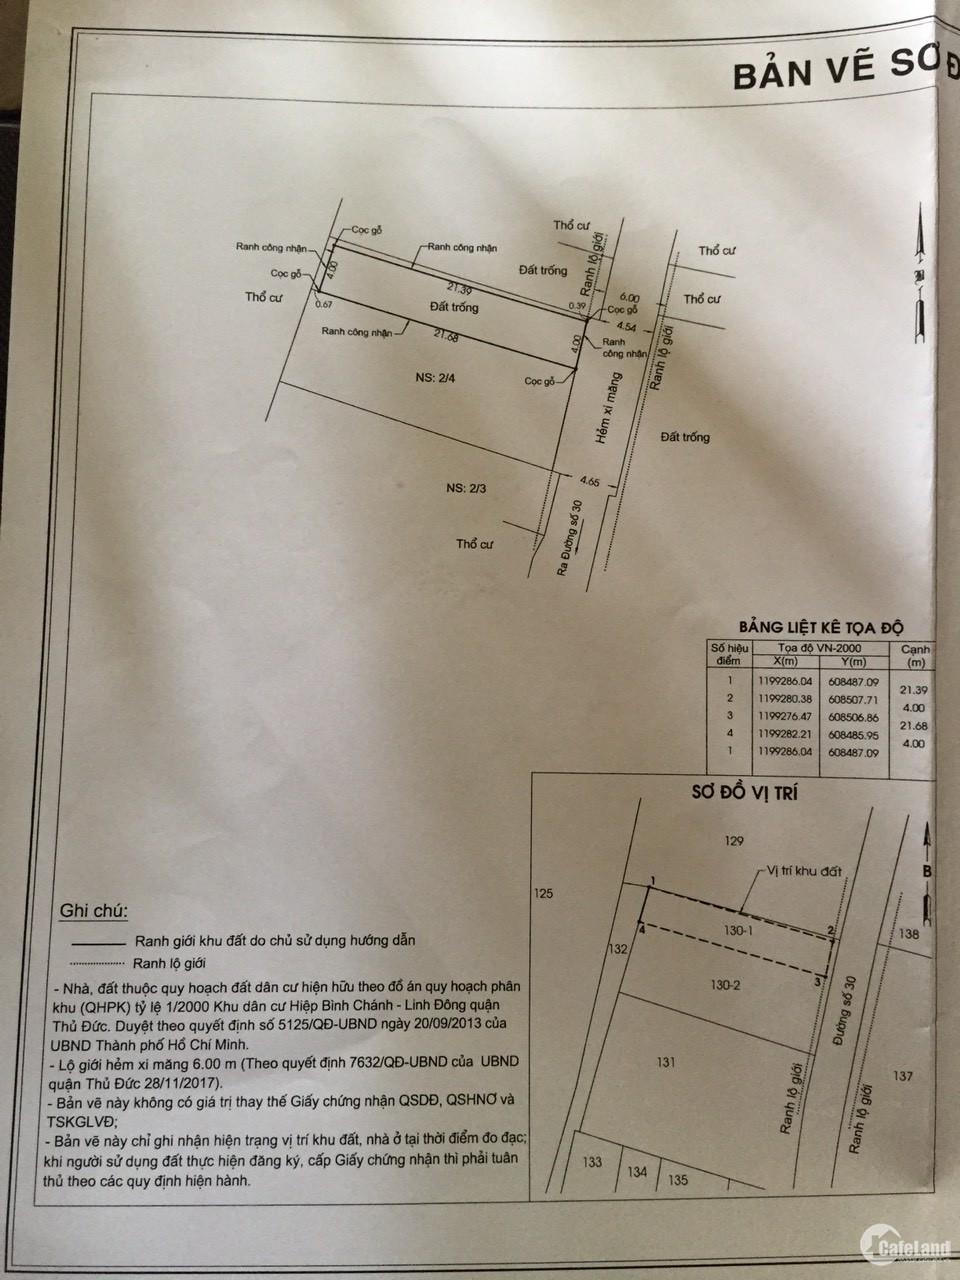 Bán lô đất hẻm số 2 đường 30, Linh Đông, DT 86m2, khu dân cư hiện hữu, đường 5m